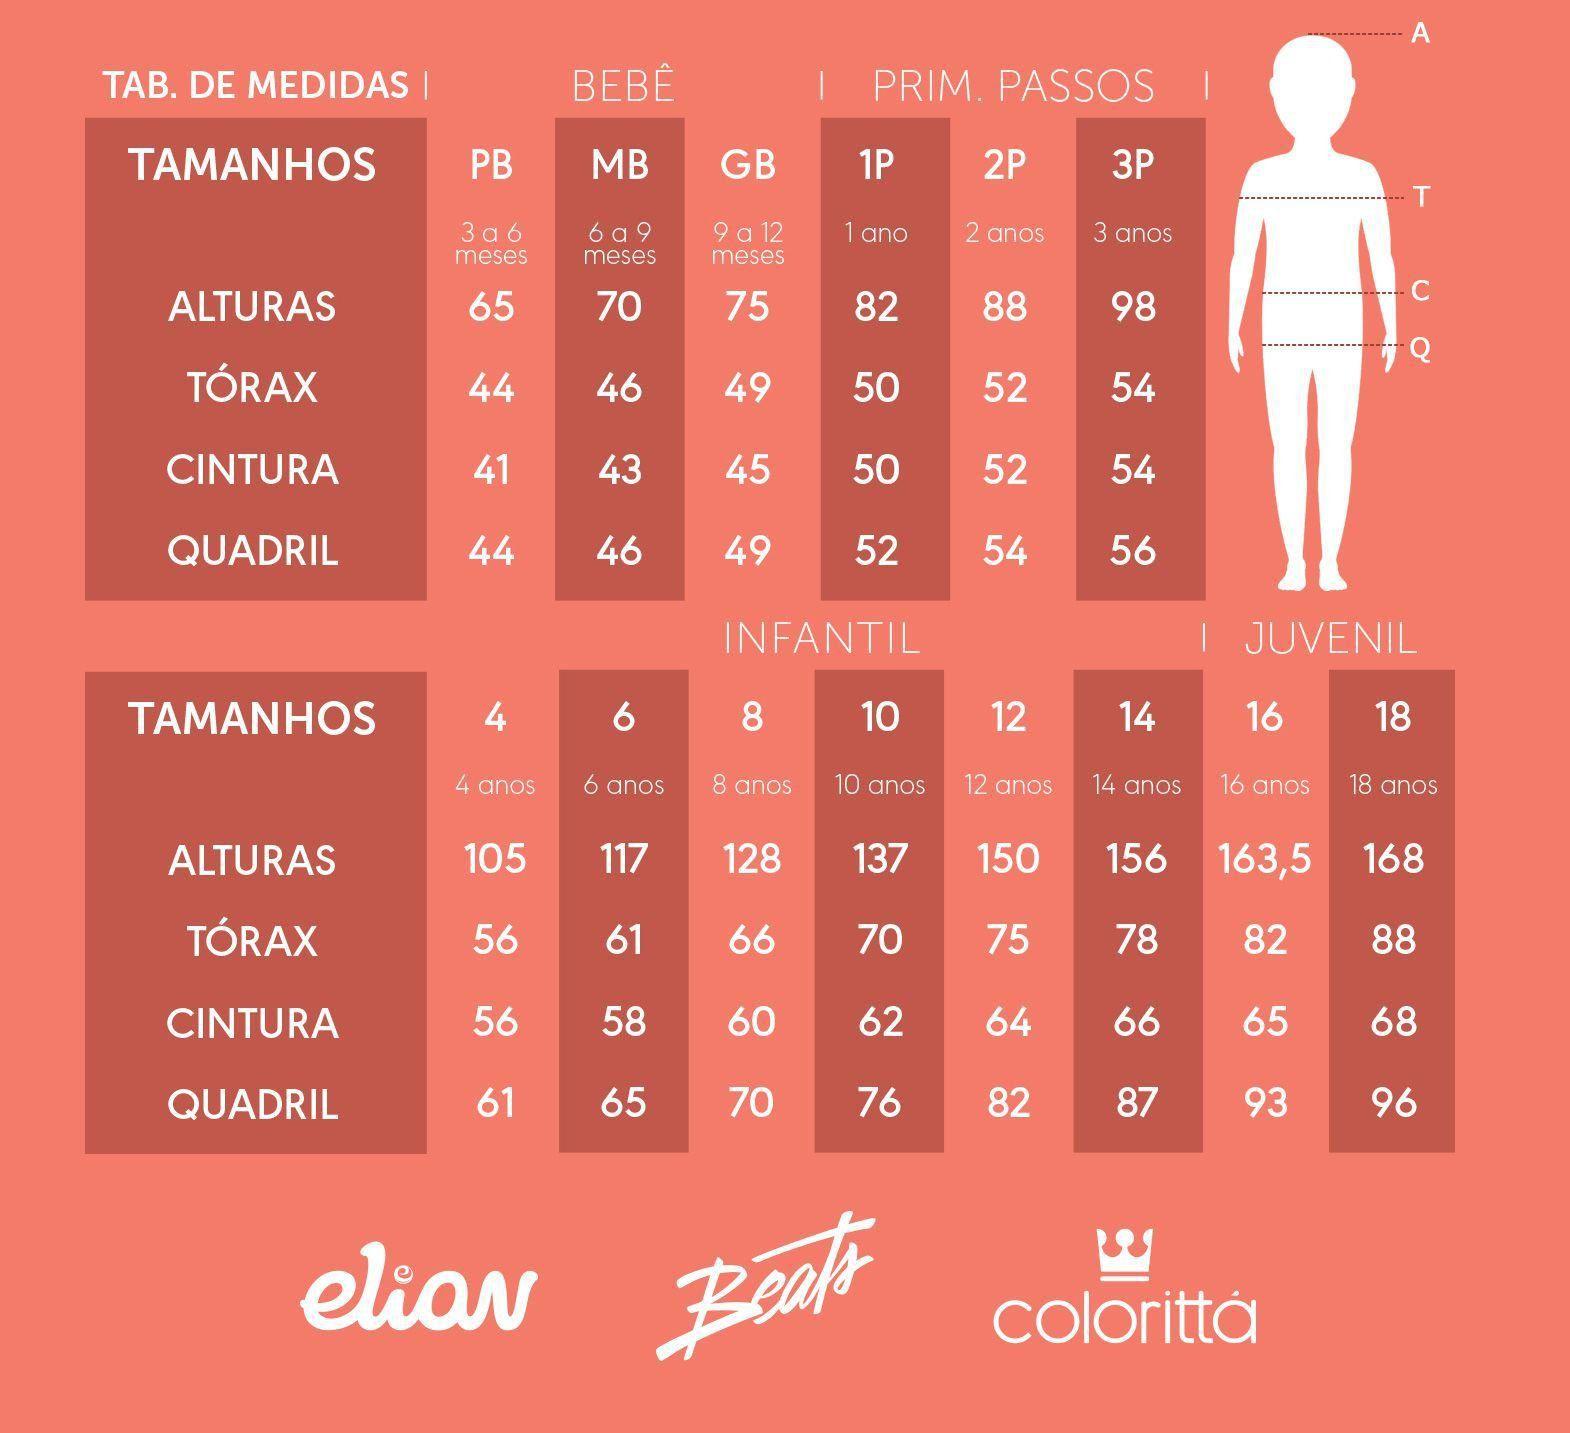 Kit Body Infantil Feminino Inverno Offwhite Little Cat - Elian: Tabela de medidas